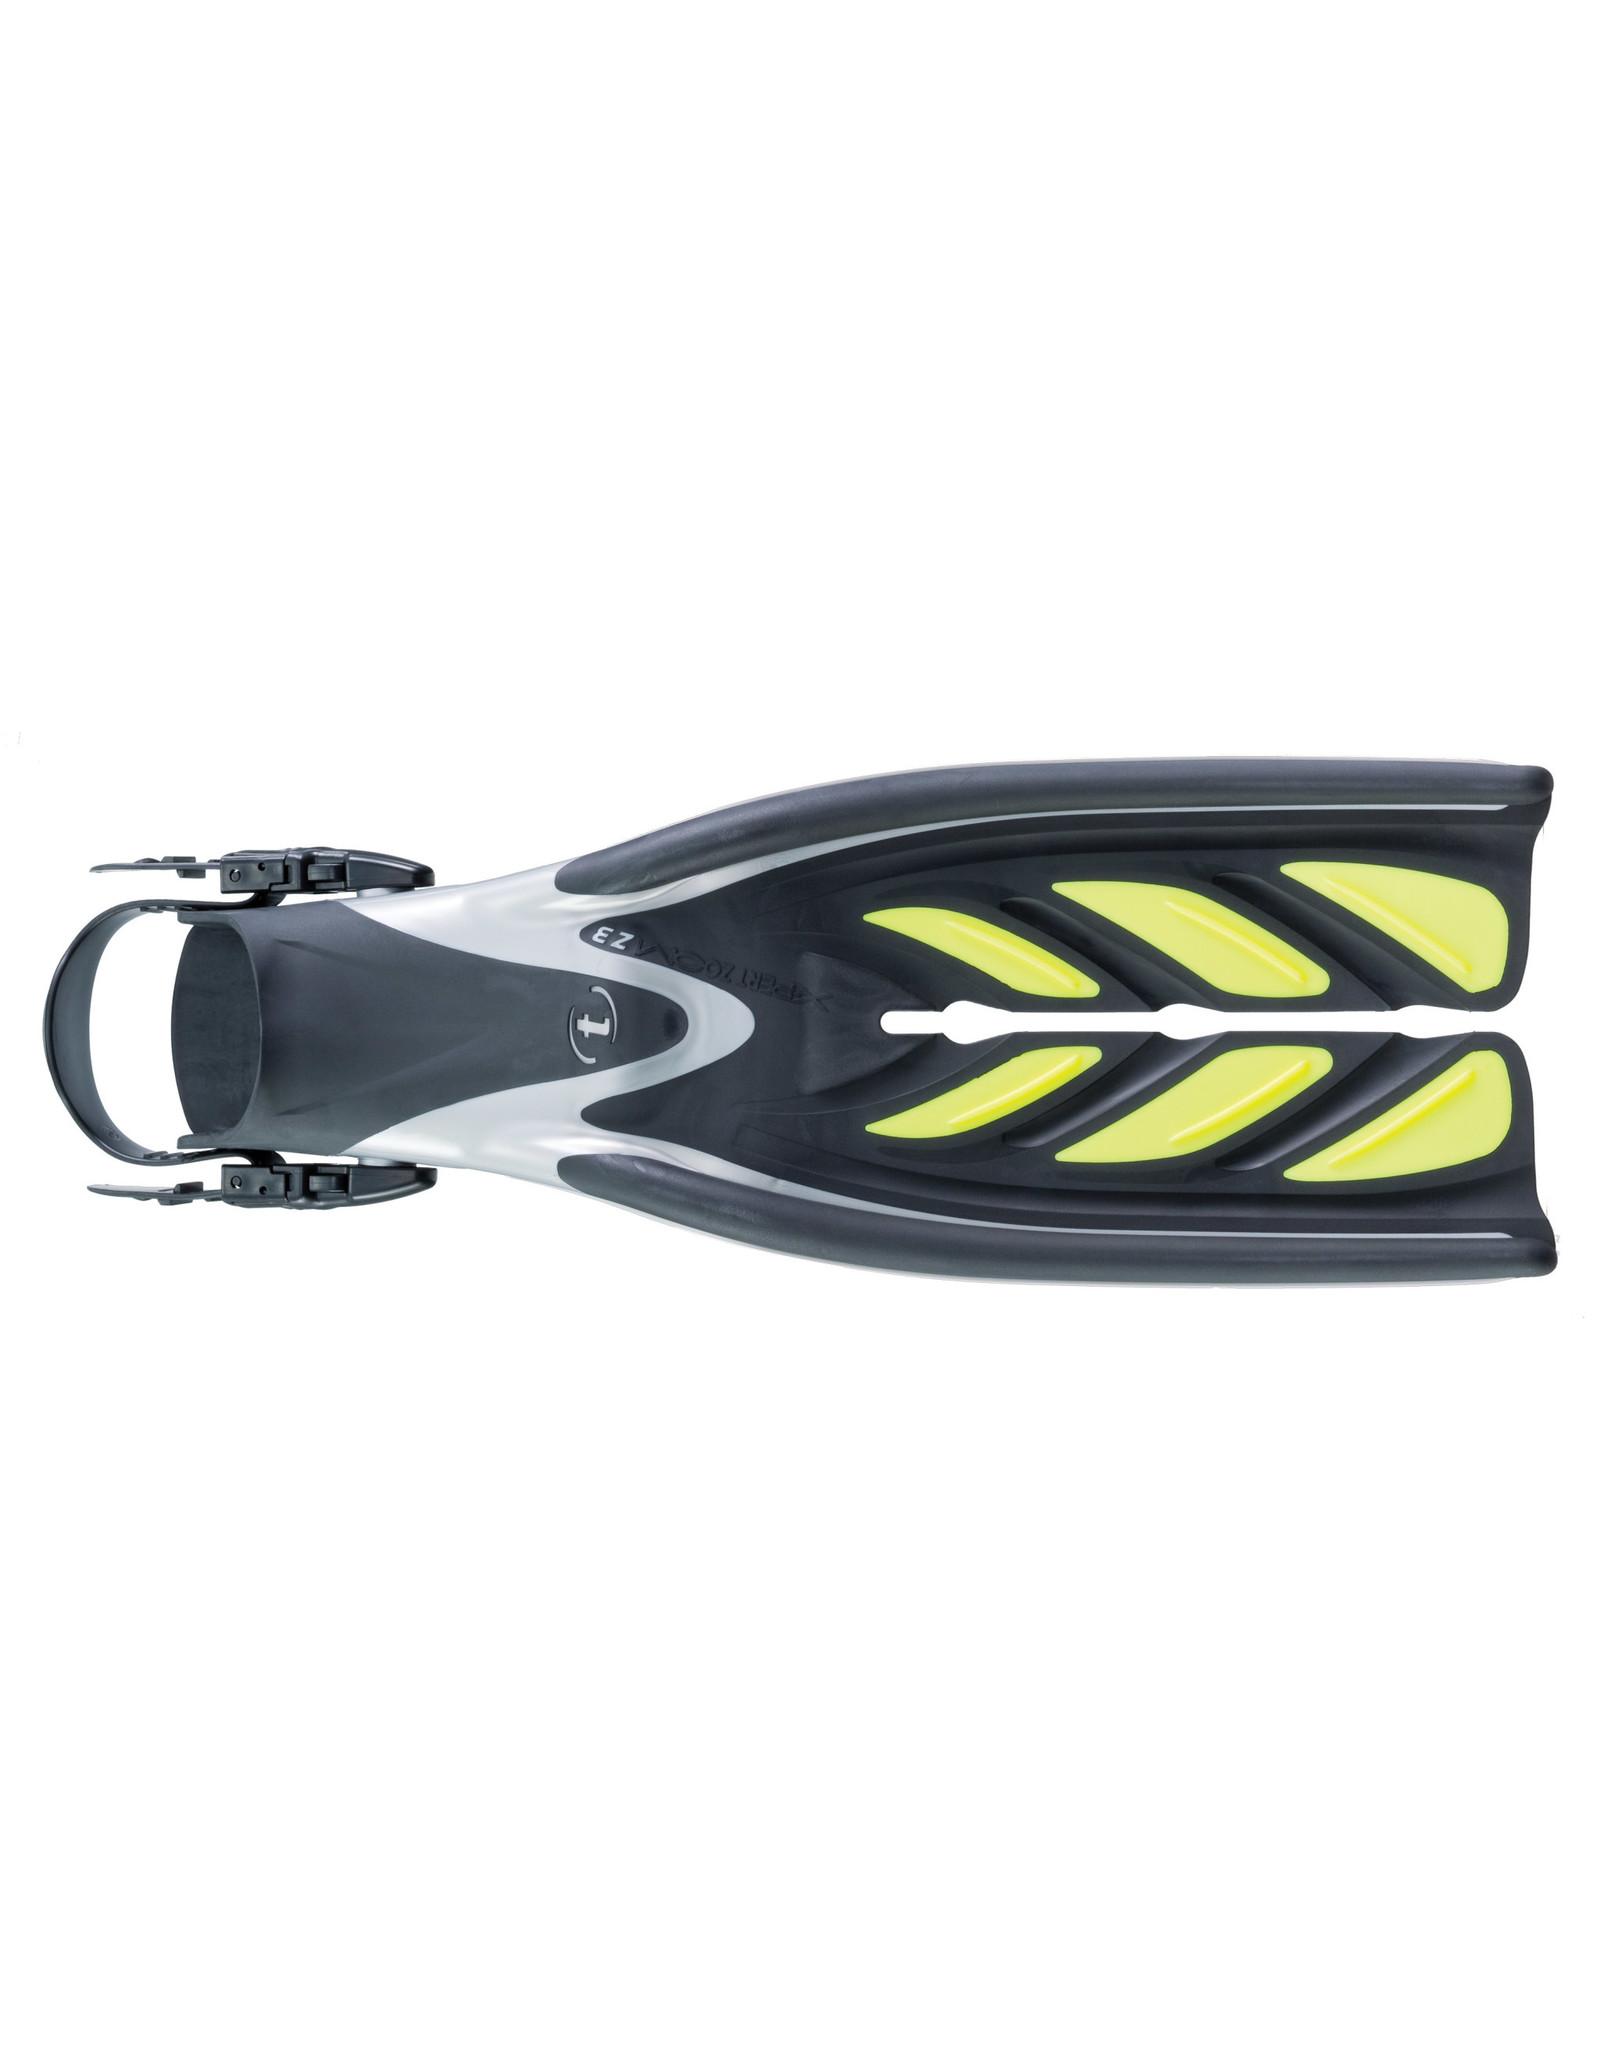 TUSA TUSA X-pert Z-3 Zoom - Flash Yellow